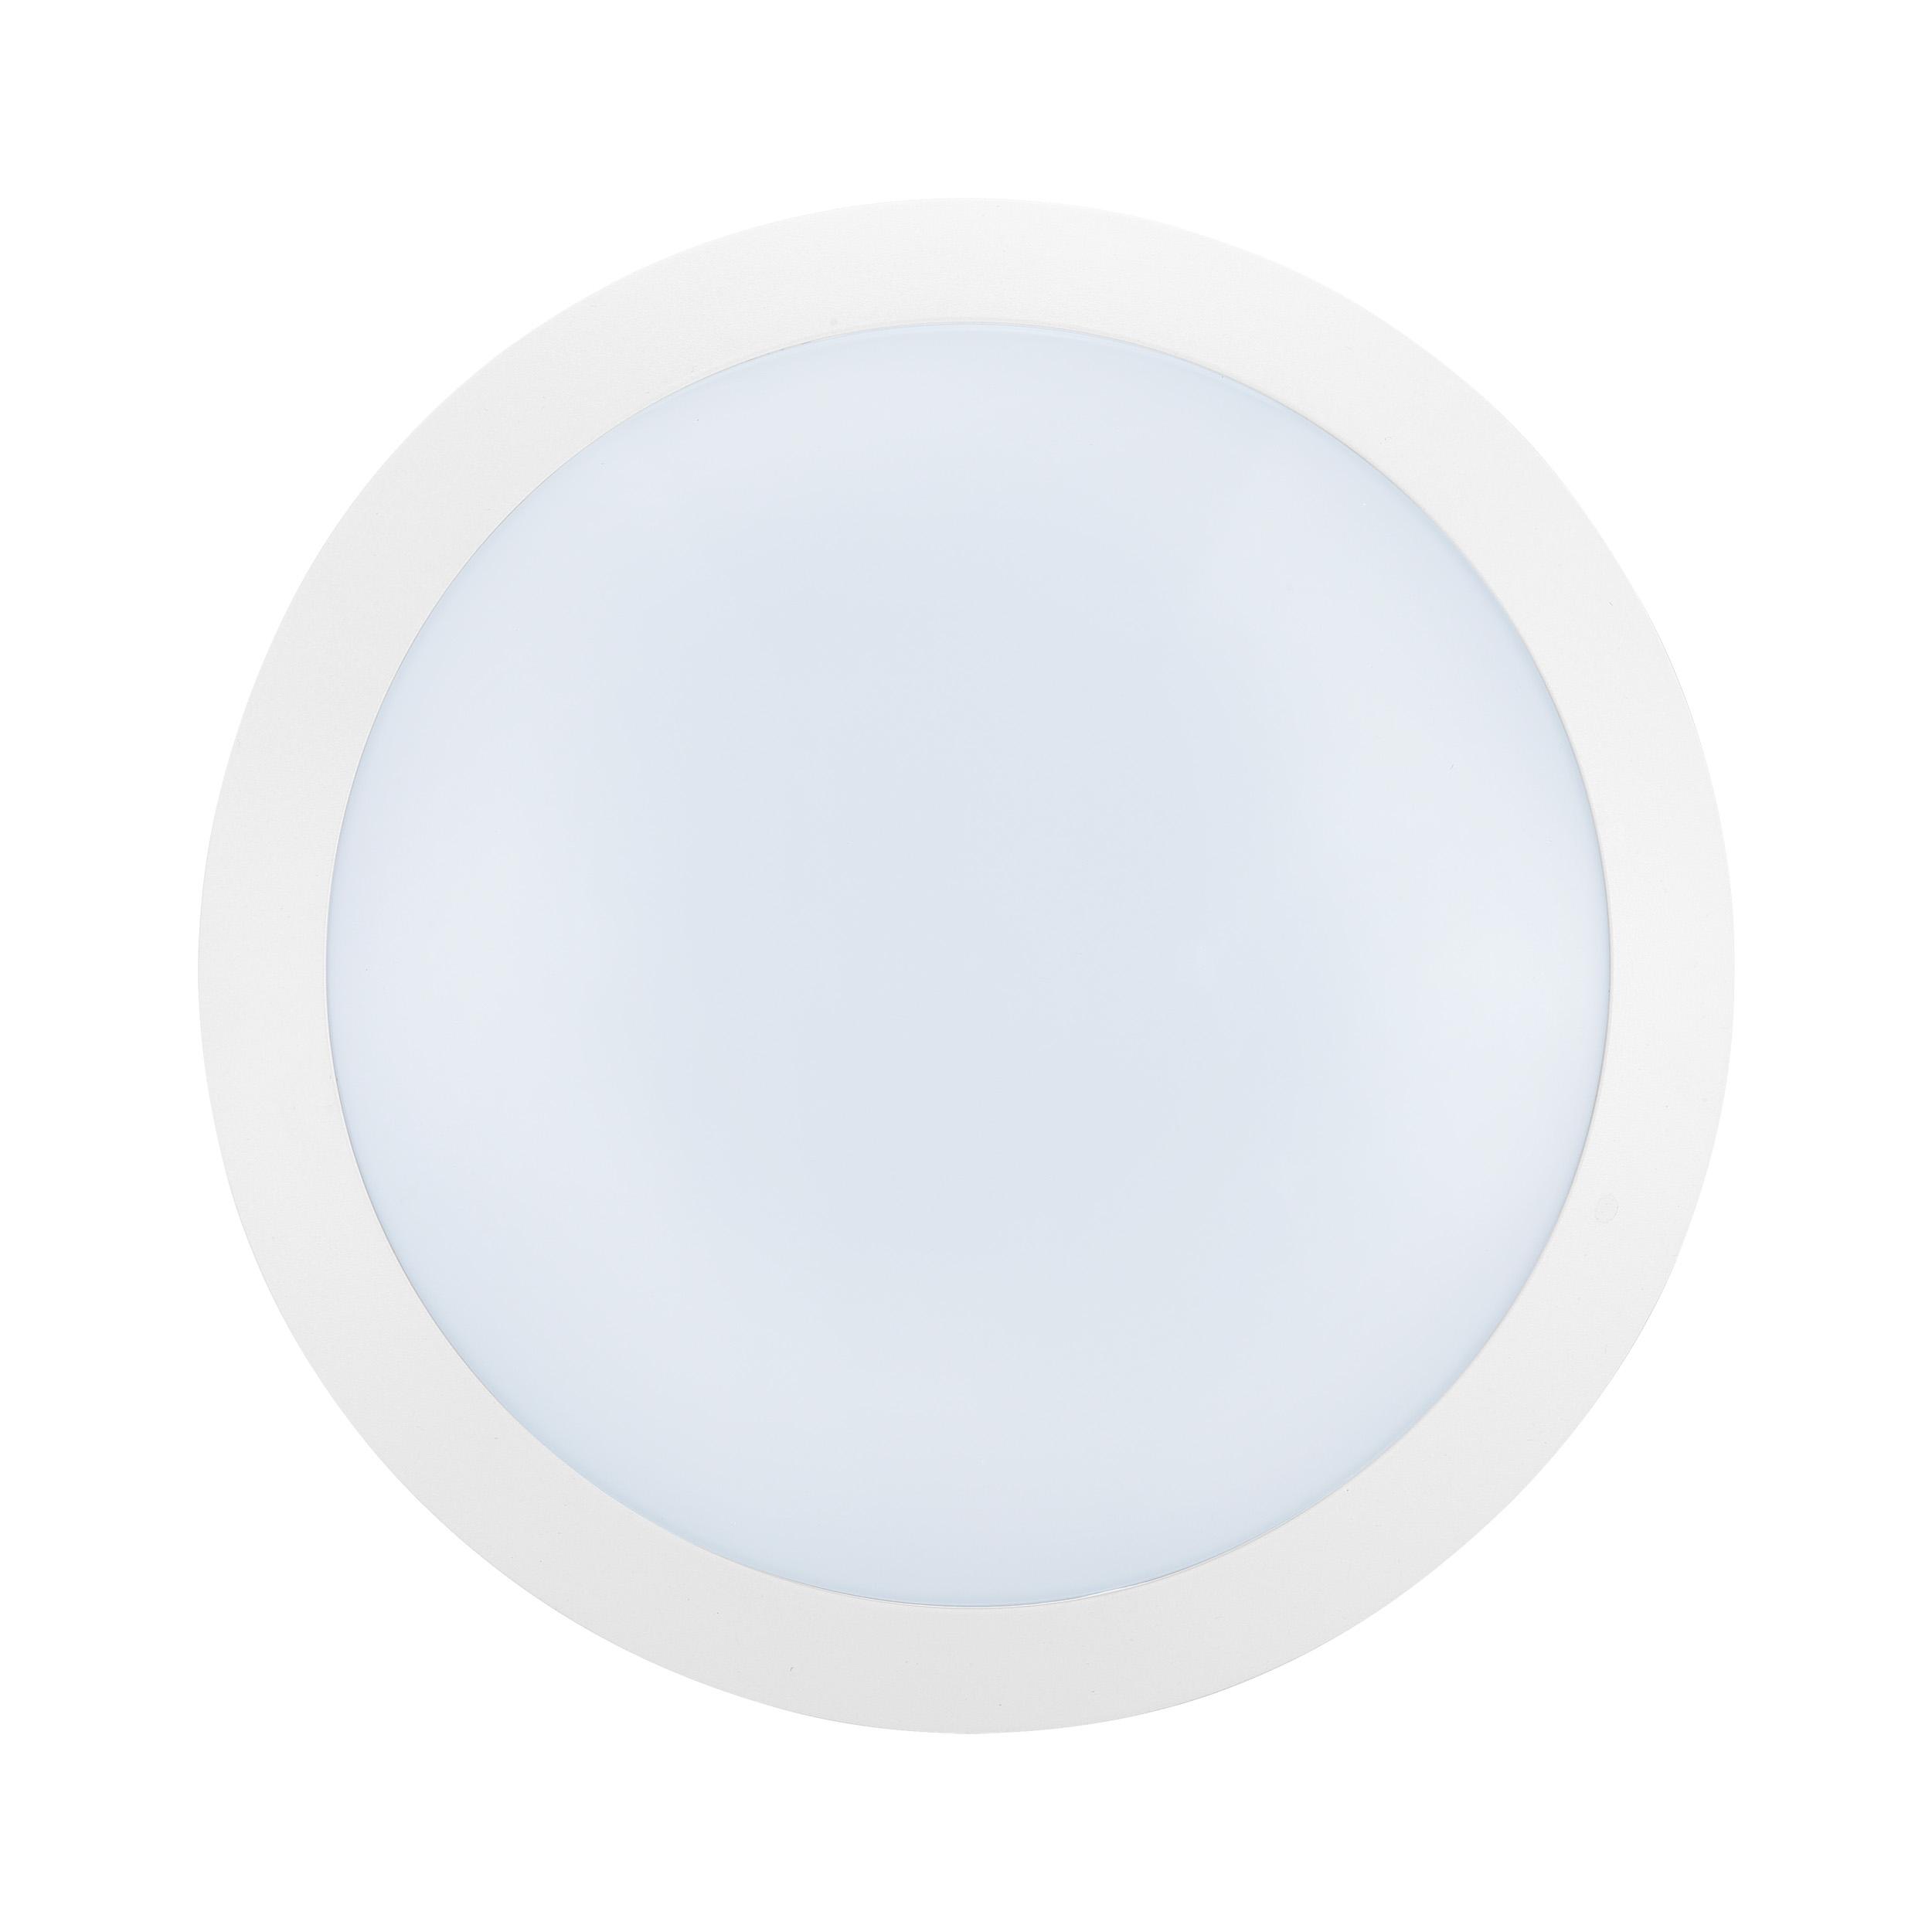 1 Stk Bellaria Wandaufbauleuchte rund 12W 3000K weiß IP66 LI62219---